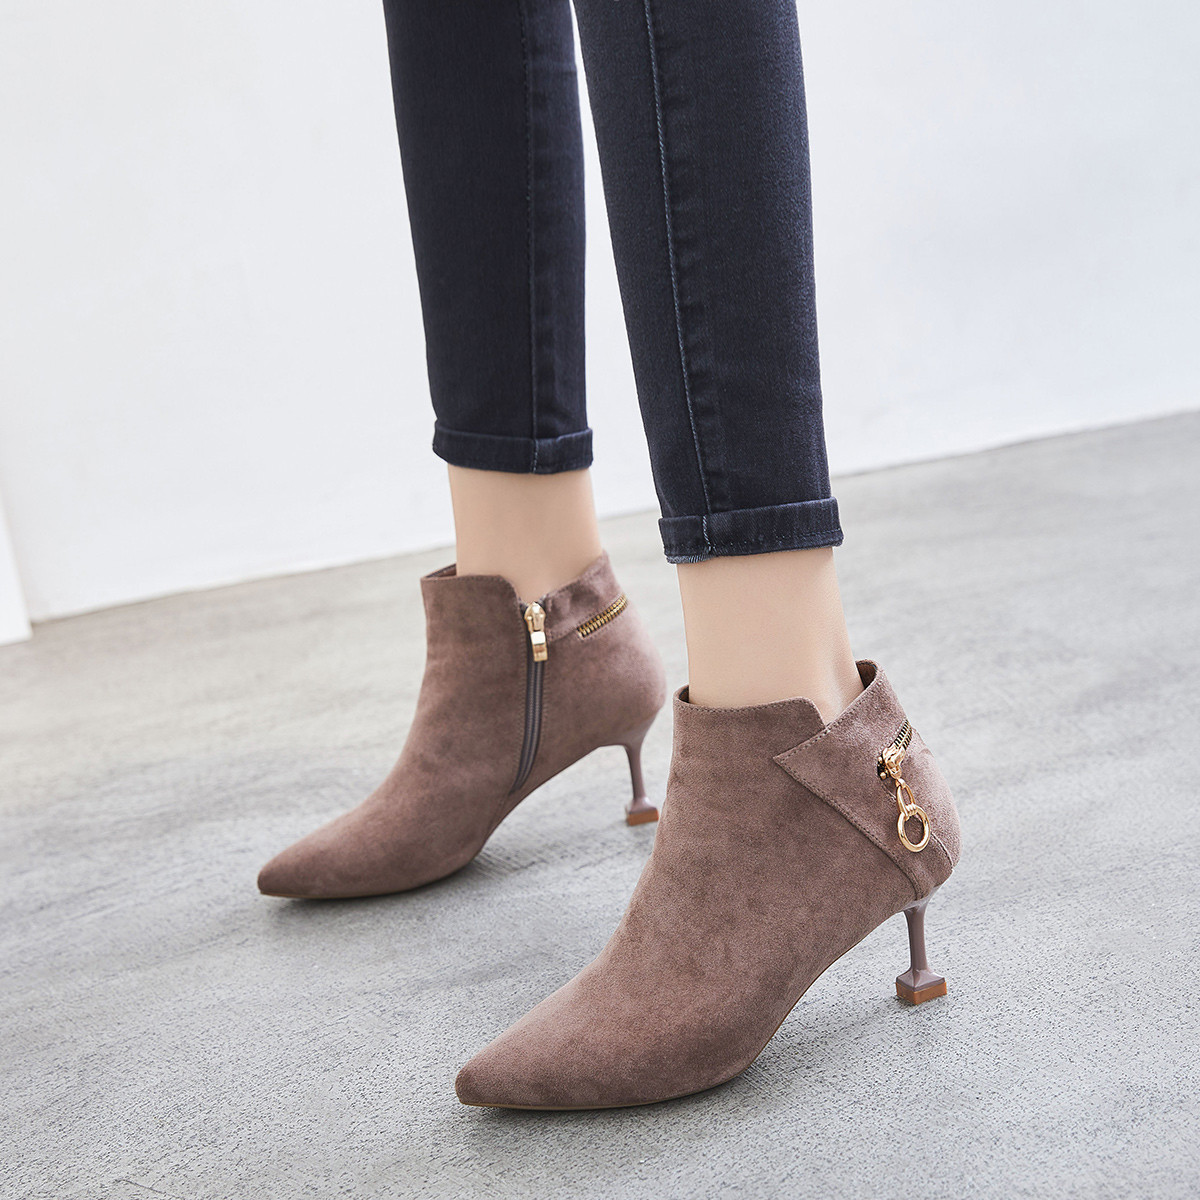 ZHR19新加绒时尚靴尖头休闲靴高跟鞋酒杯跟春秋冬女款靴子女靴短靴184Y123162-卡其色